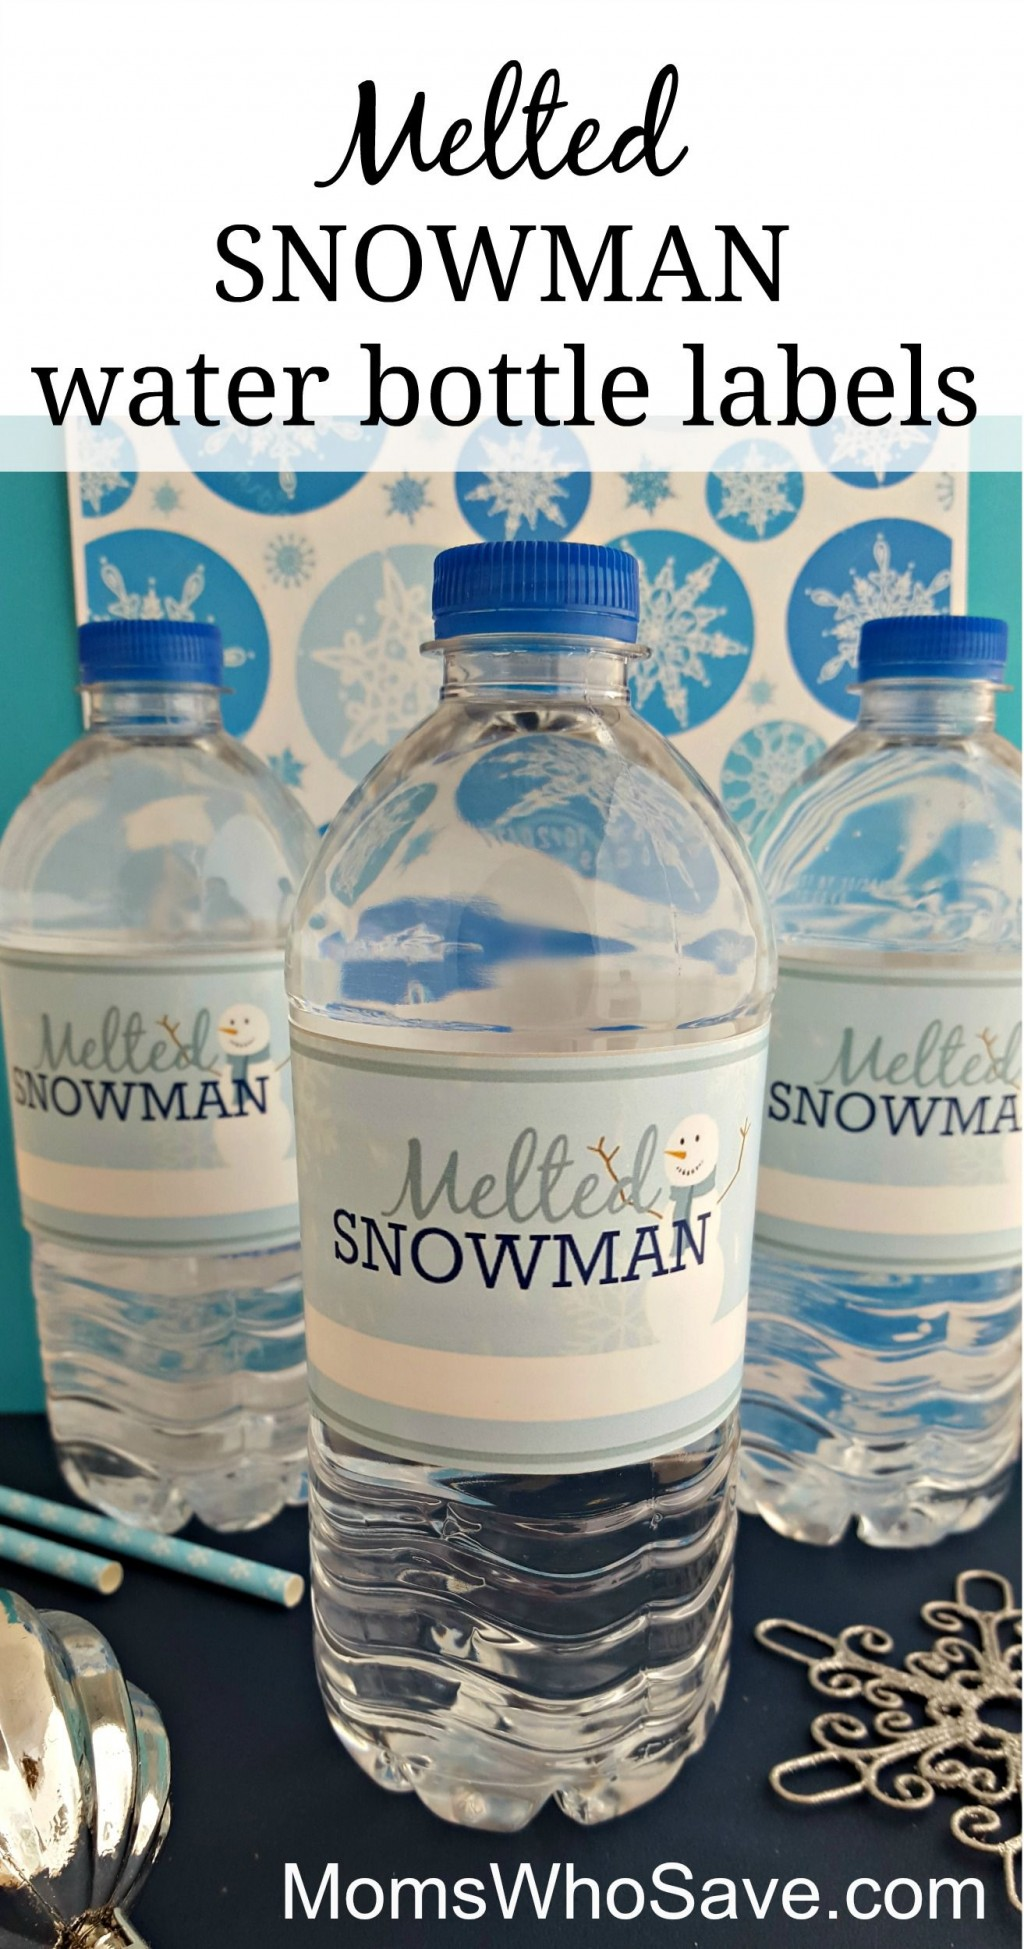 008 Wondrou Diy Water Bottle Label Template Free Inspiration Large